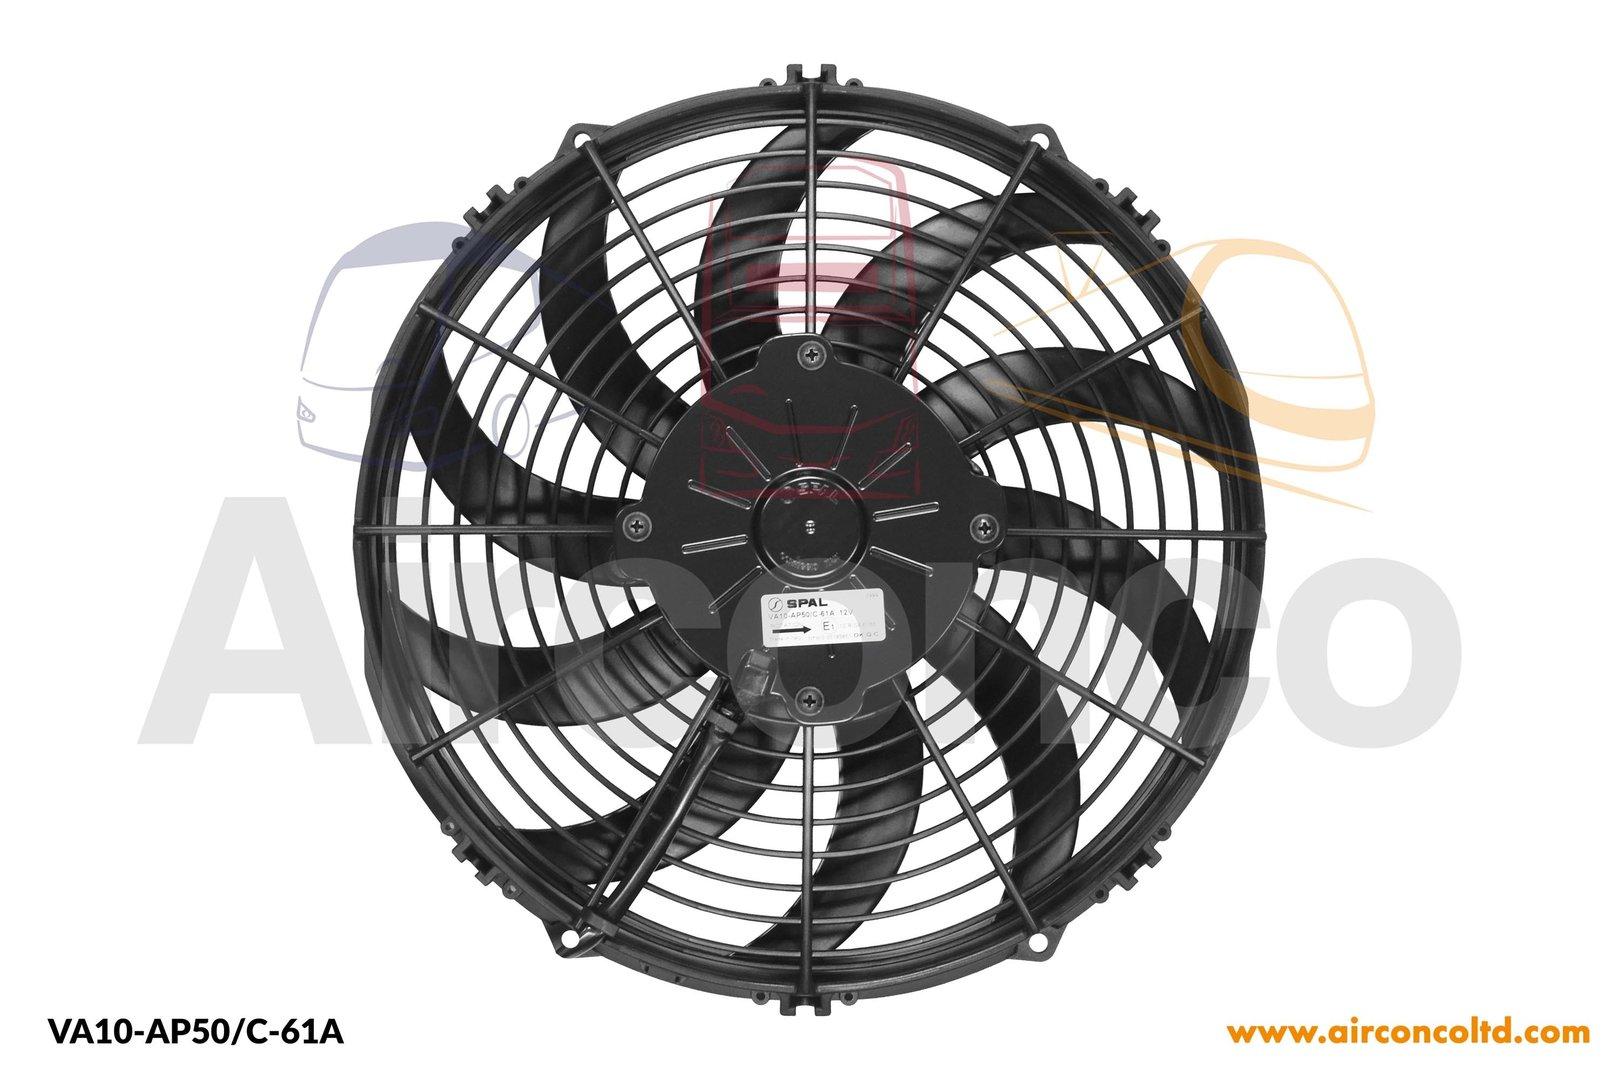 Spal Axial Fan Va10 Ap50 C 61a 12v Airconco Coach Bus Hvac Wiring Diagram Single